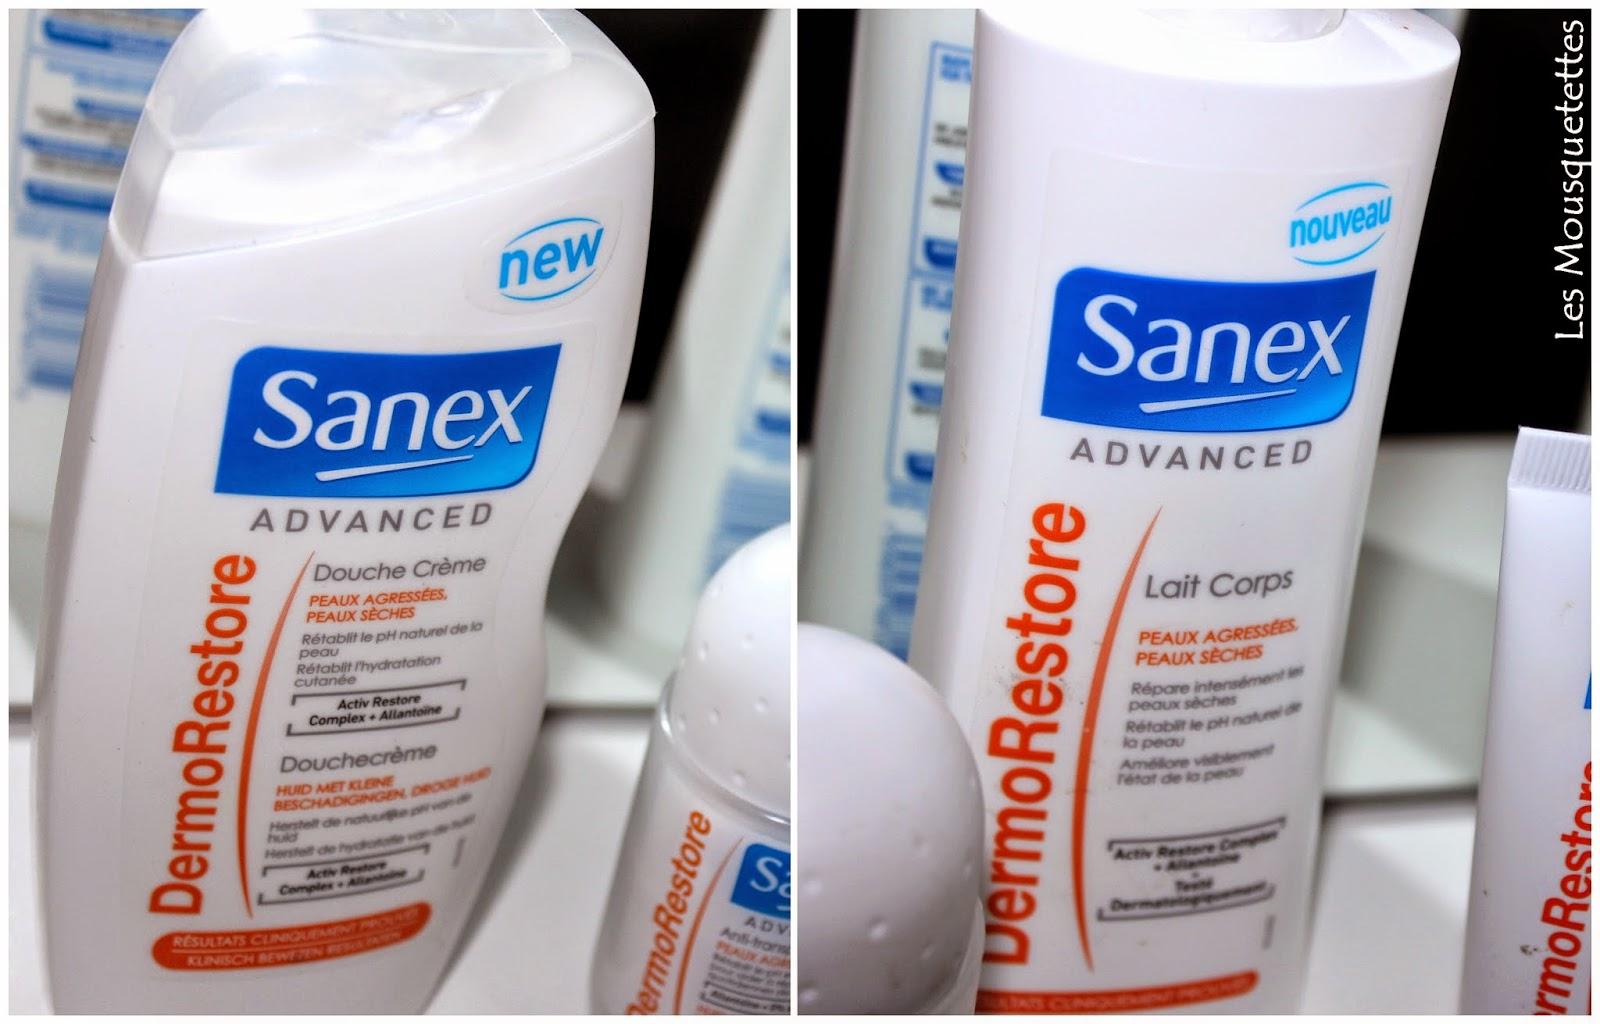 Sanex Advanced DermoRestore nouvelle gamme Sanex - Les Mousquetettes©